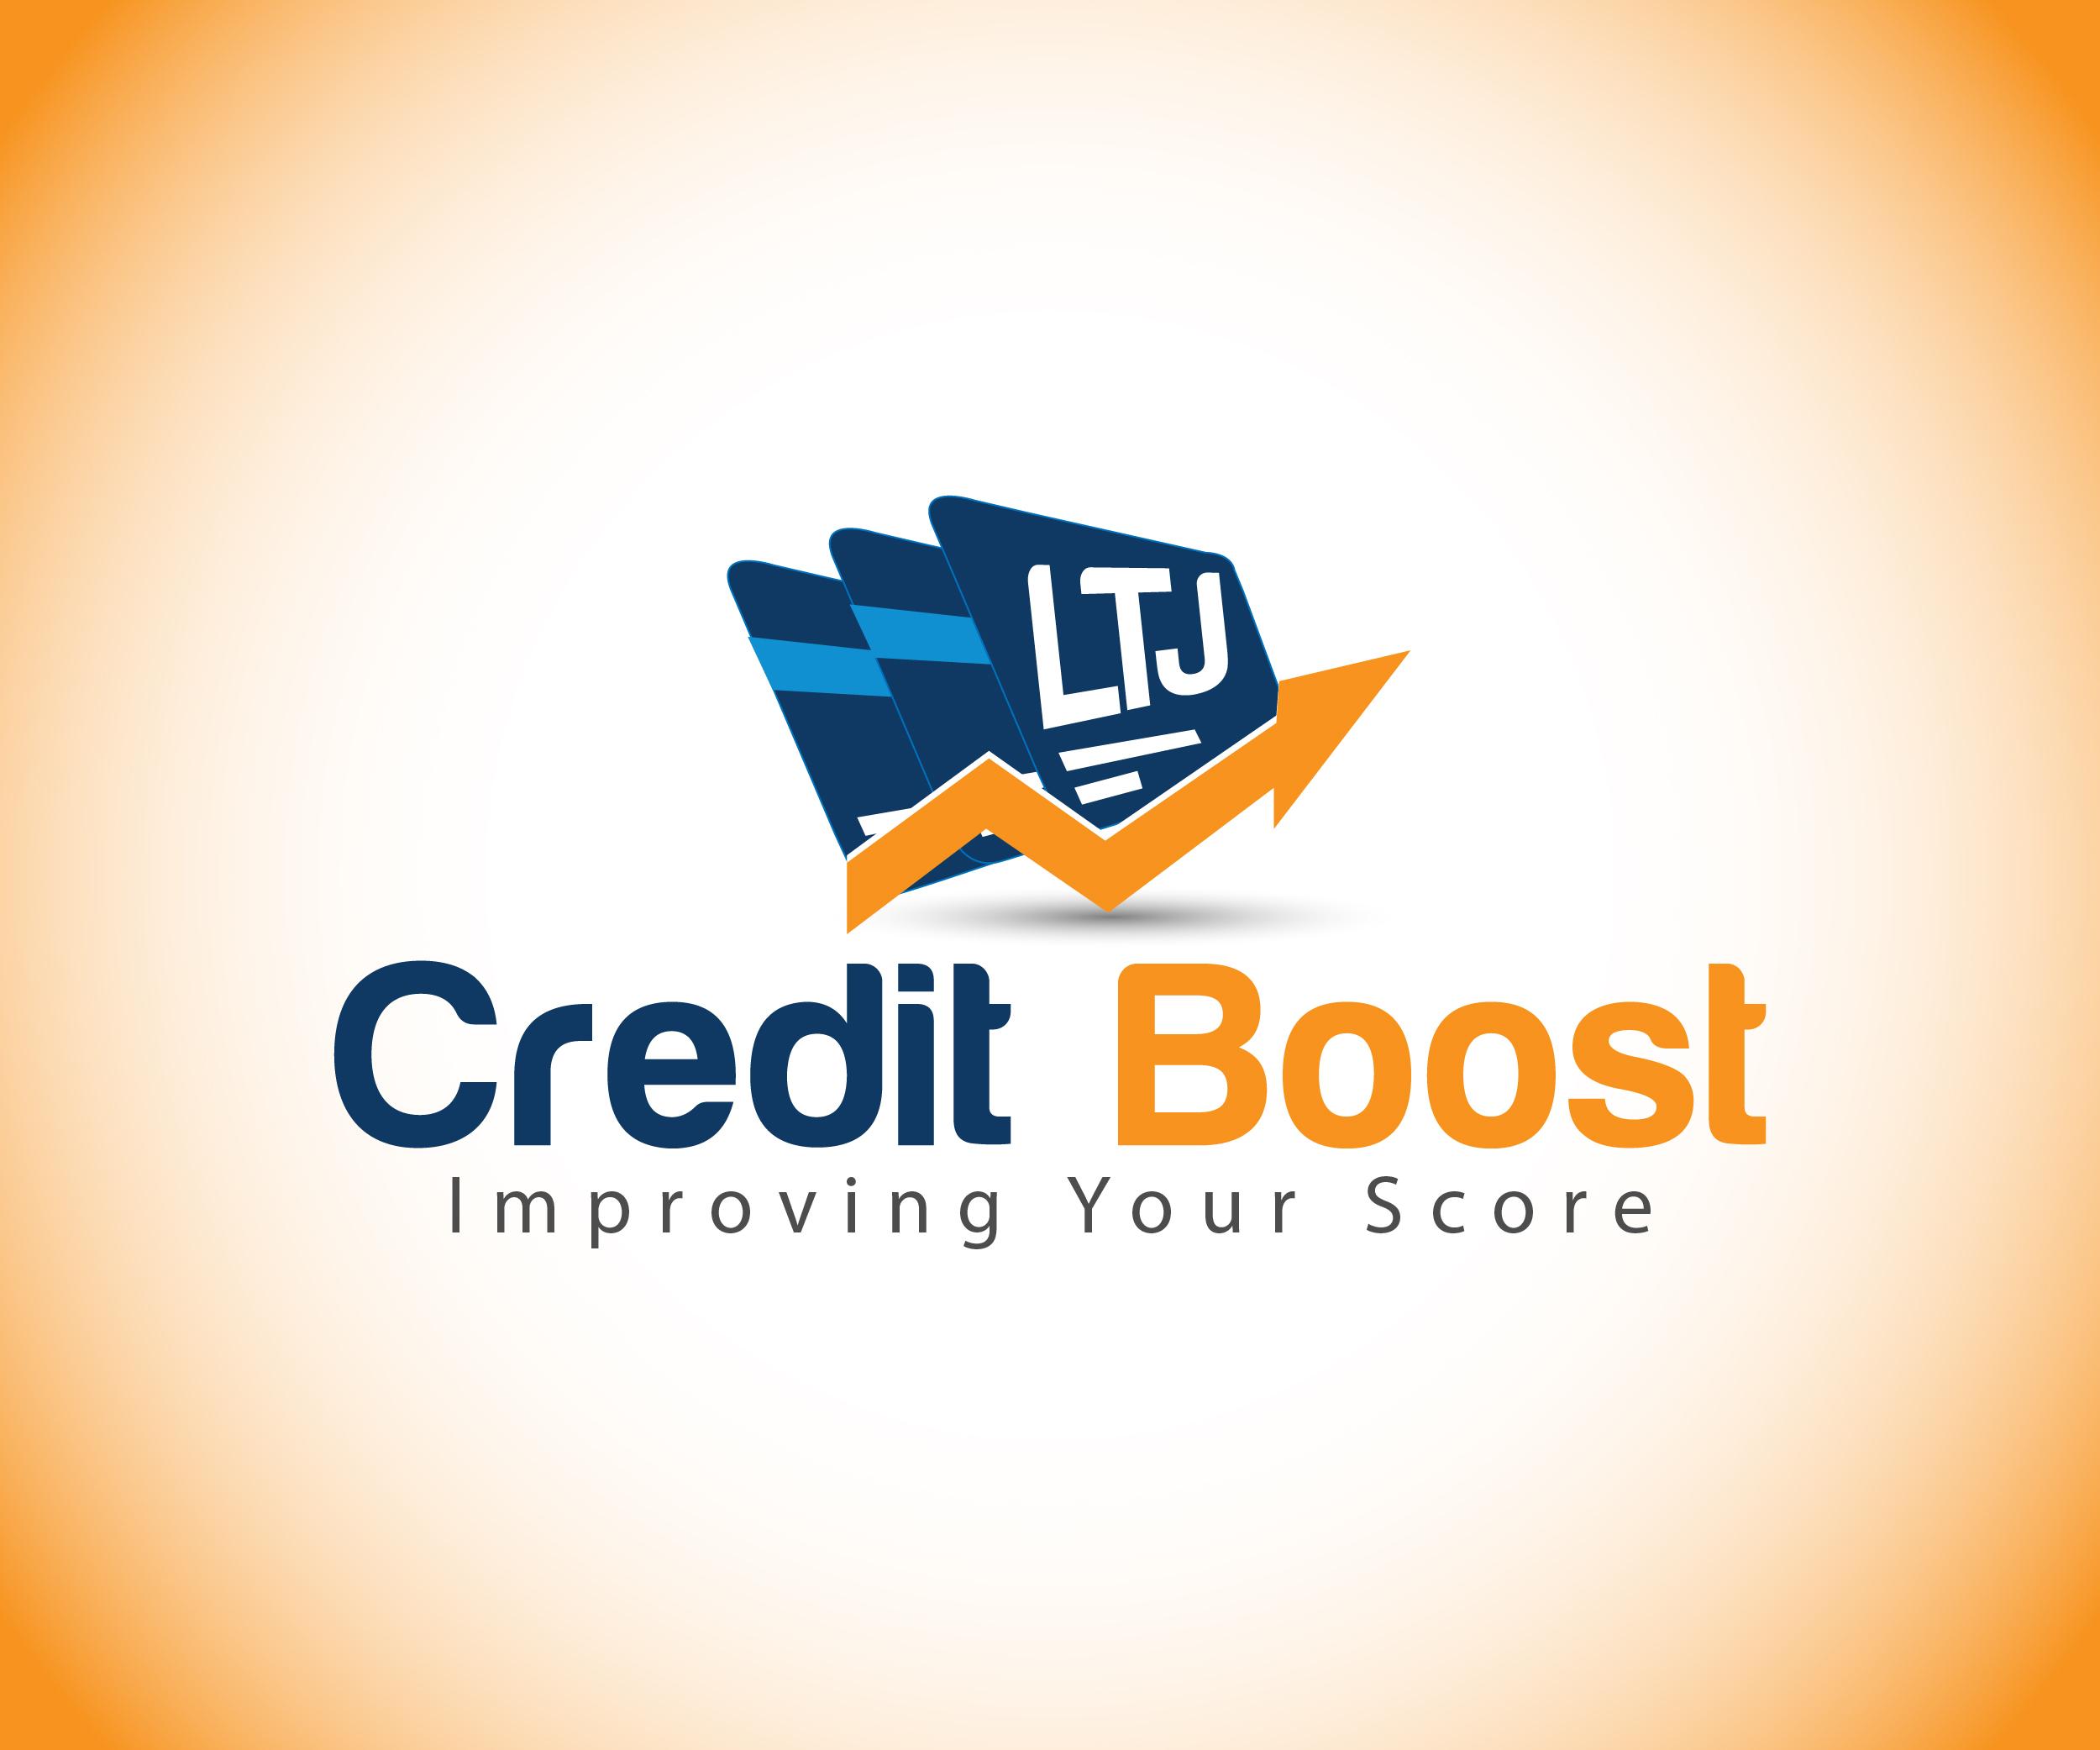 LTJ Credit Boost_3.jpg